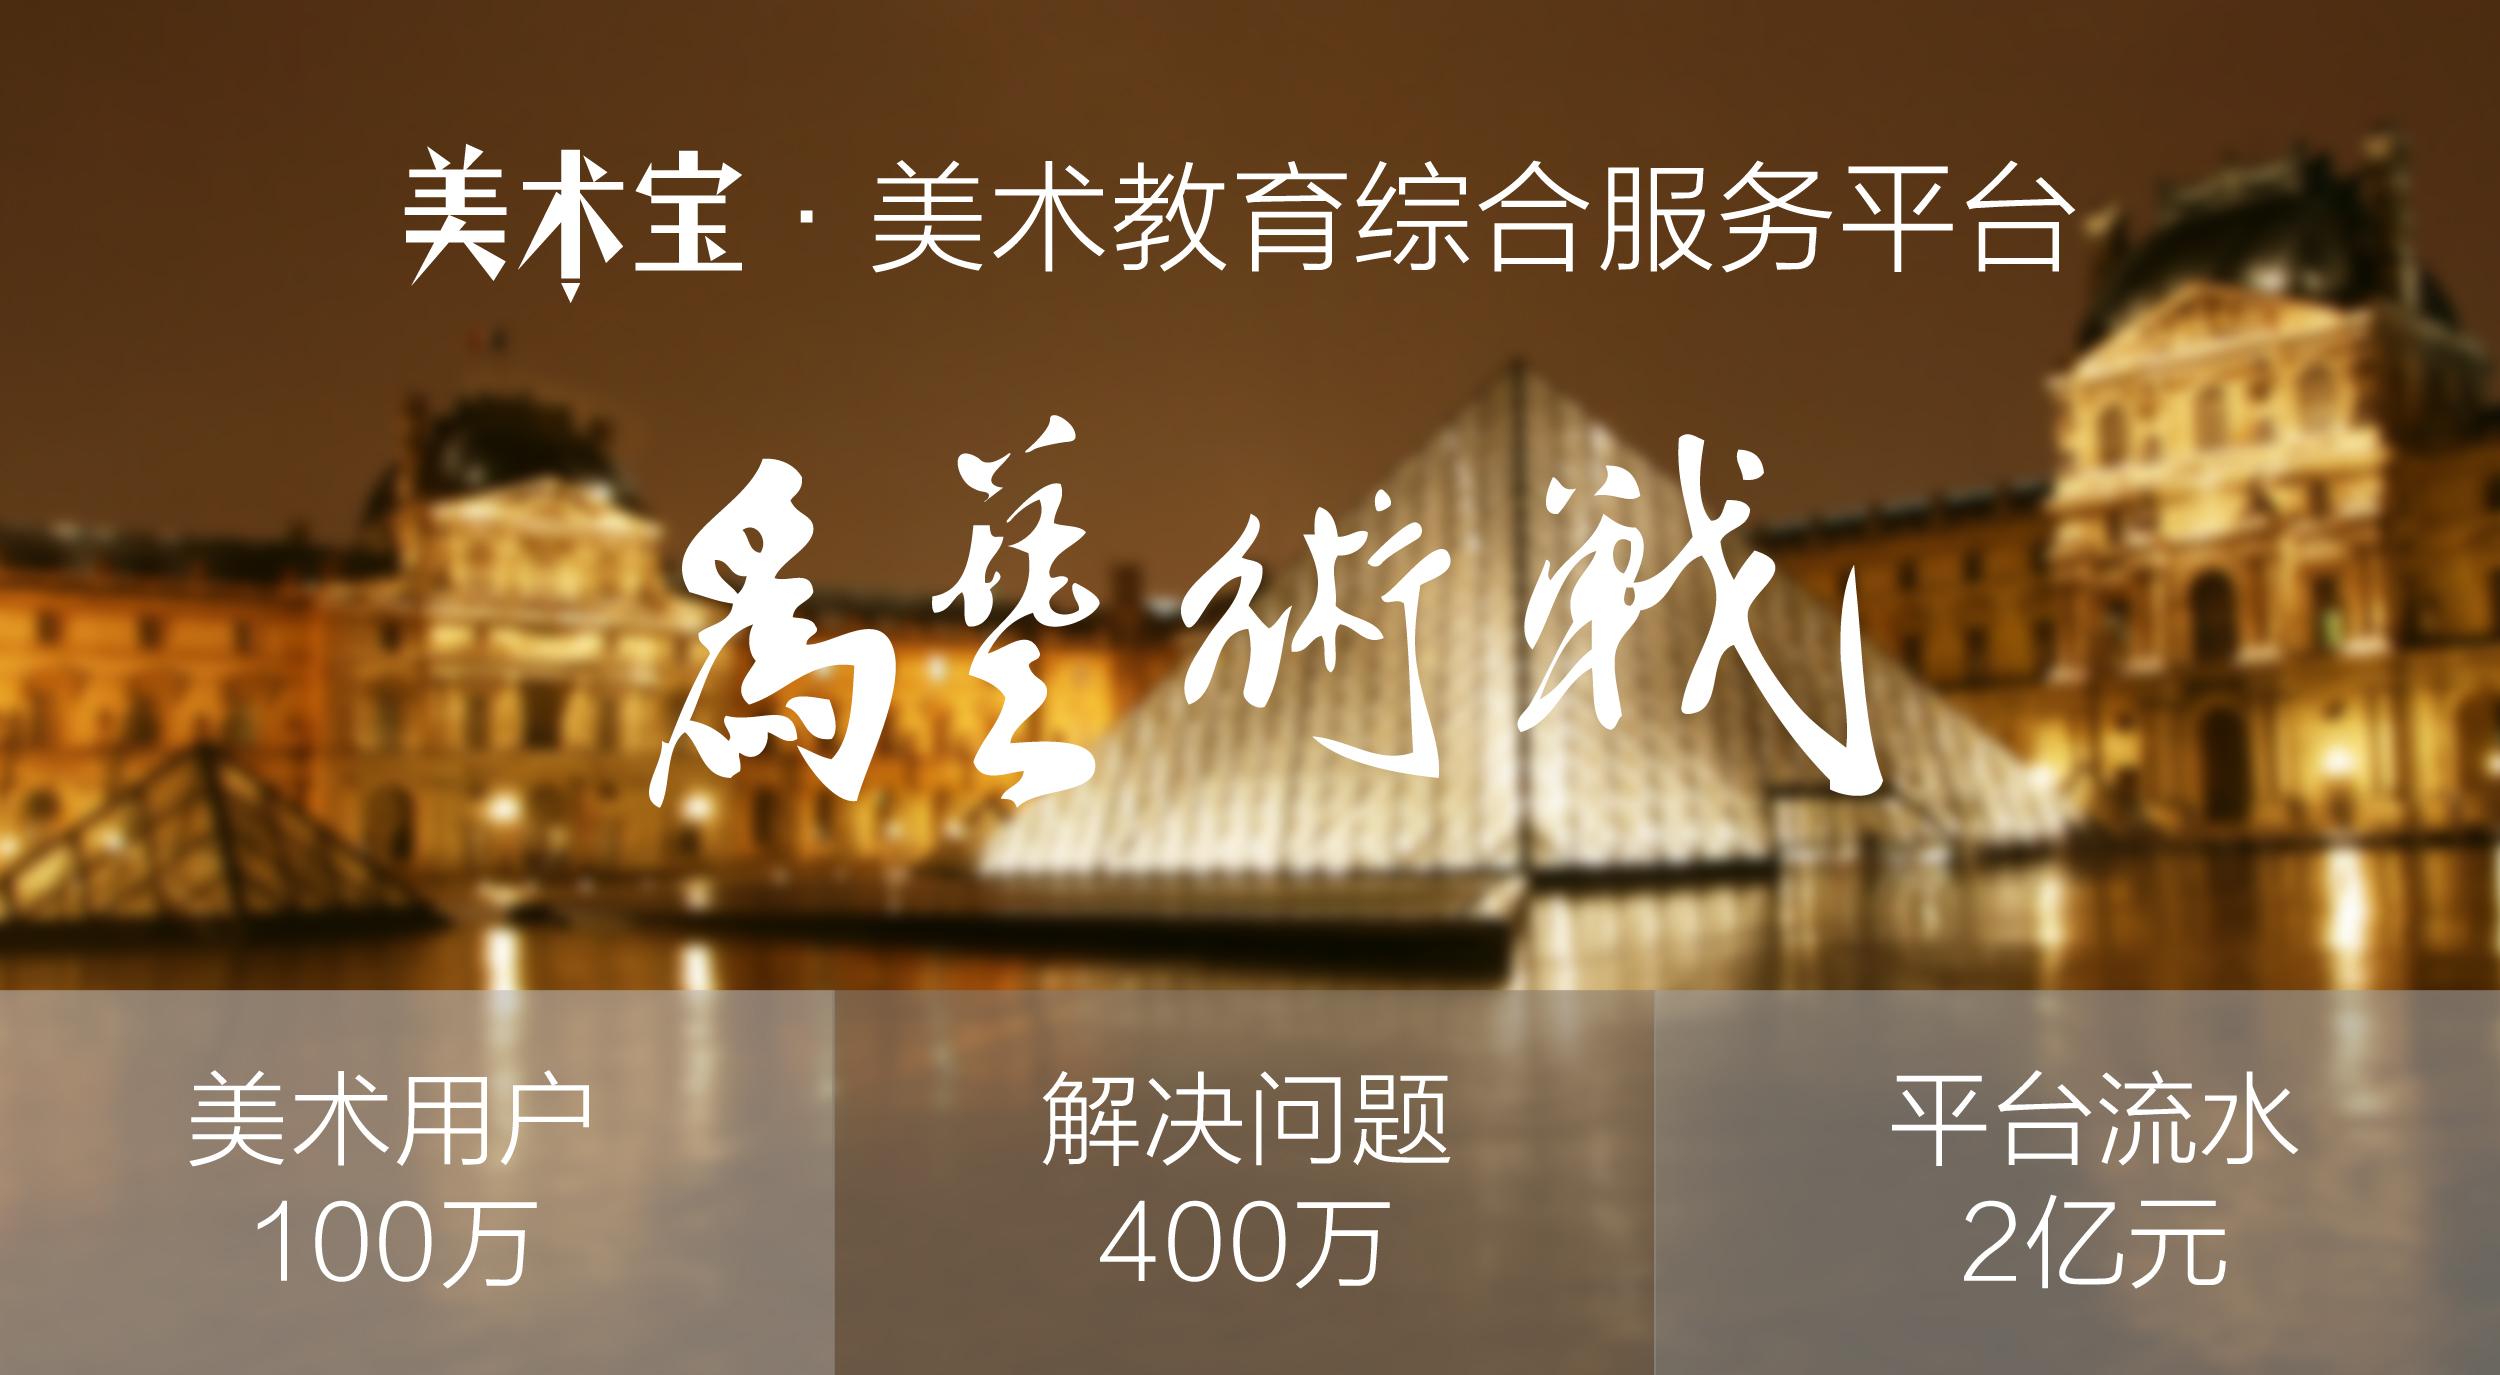 """美术宝获6600万元B轮投资,将上线电商平台""""美宝商城"""""""